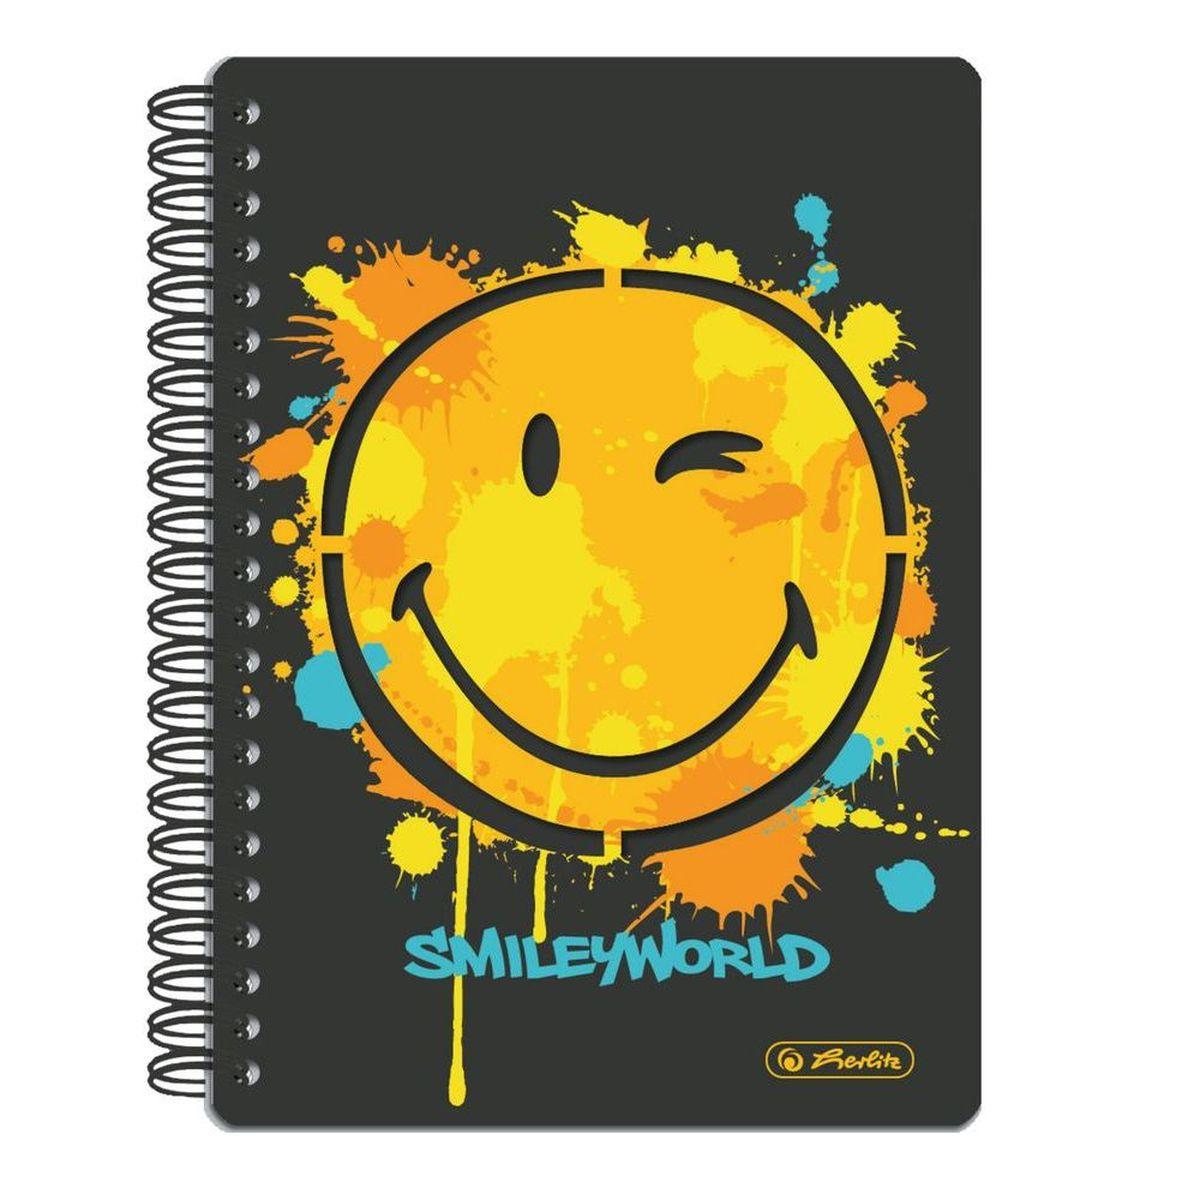 Herlitz Блокнот Smiley World 100 листов в клетку формат А511276441Удобный блокнот Herlitz Smiley World - незаменимый атрибут современного человека, необходимый для рабочих или школьных записей.Блокнот содержит 100 листов формата А5 в клетку без полей. Обложка выполнена из качественного ламинированного картона. Внутренний спиральный блок изготовлен из металла и гарантирует надежное крепление листов. Блокнот имеет закругленные углы и яркийдизайн, дополненный желтым смайлом.Блокнот для записей от Herlitz Smiley World станет достойным аксессуаром среди ваших канцелярских принадлежностей. Это отличный подарок как коллеге или деловому партнеру, так и близким людям.